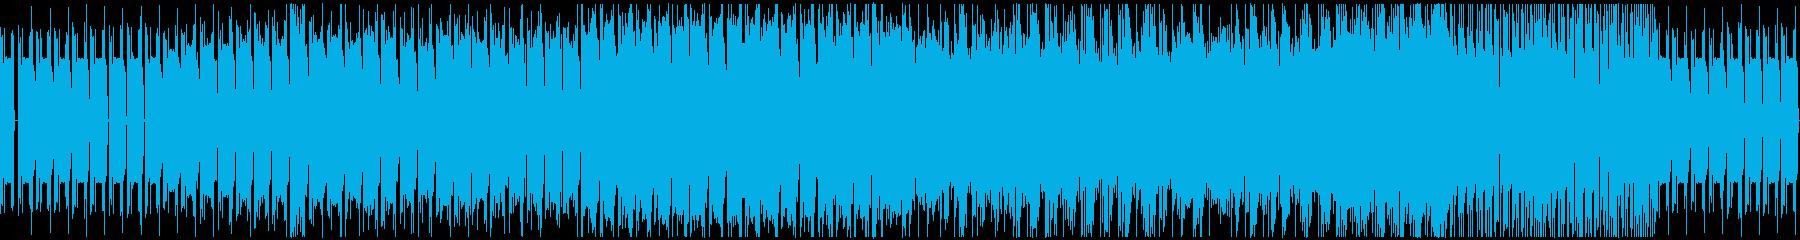 シンセ音メインの機械的なBGMの再生済みの波形